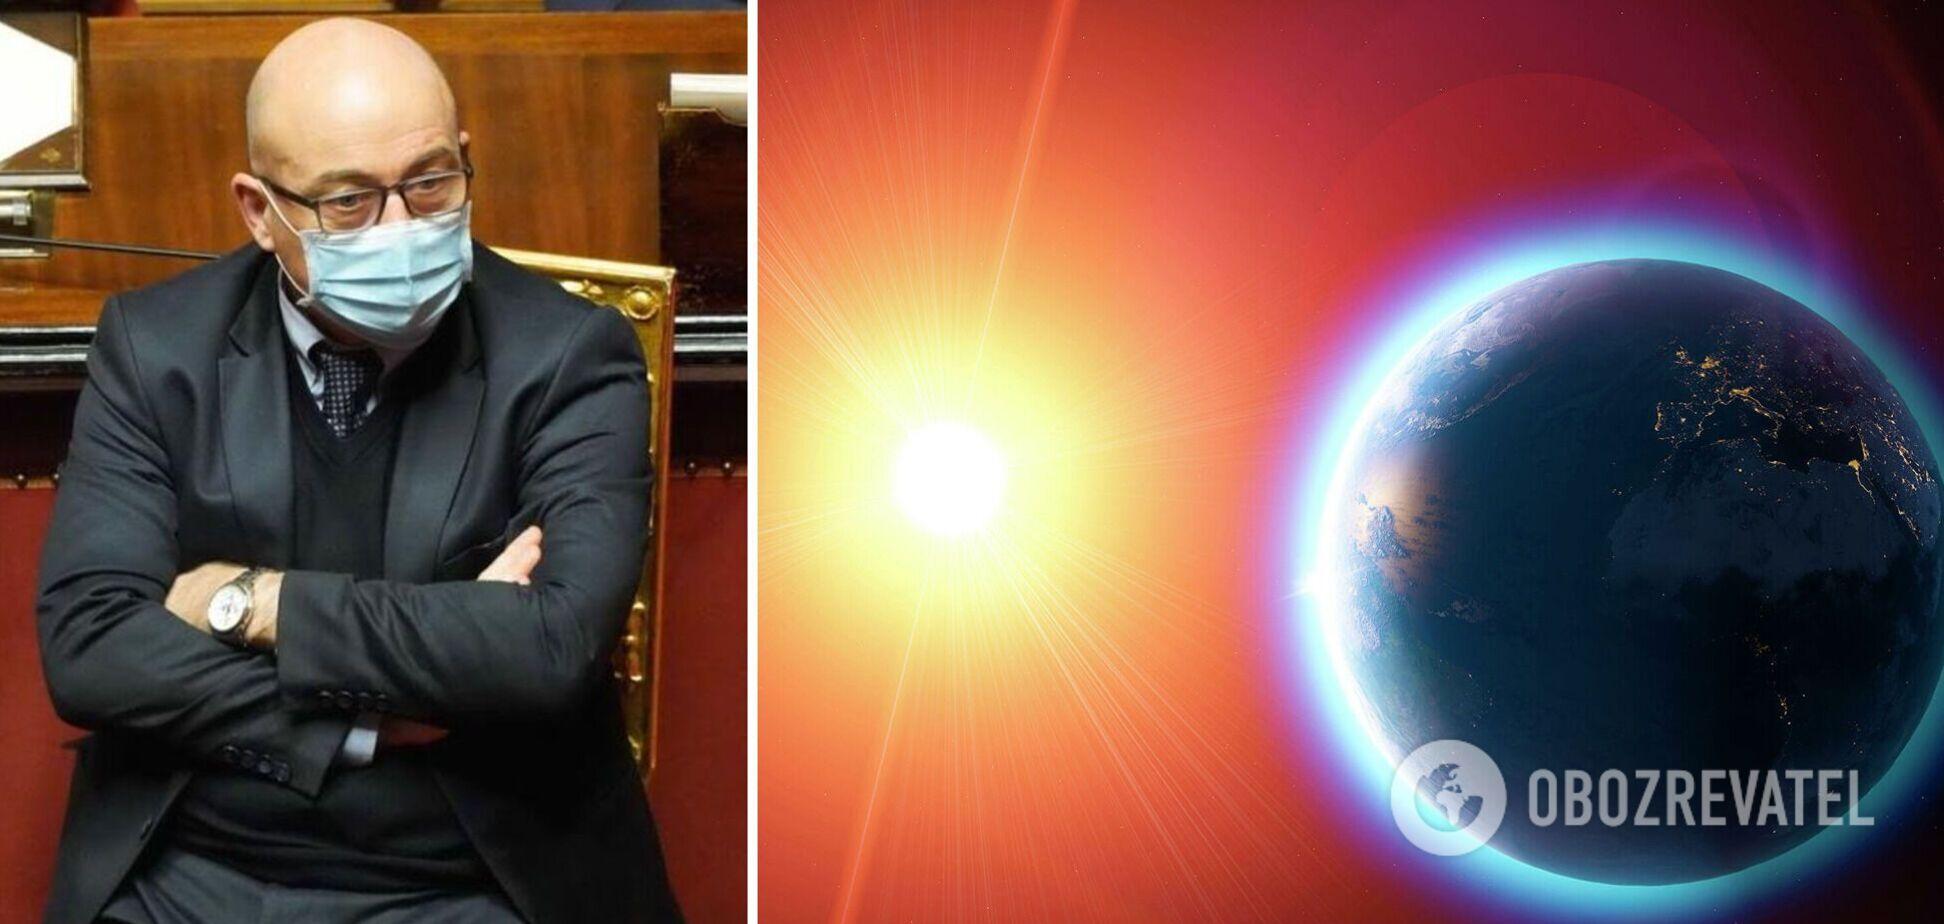 В Італії заявили про критичну ситуацію зі зміною клімату: спостерігається погіршення по всіх параметрах